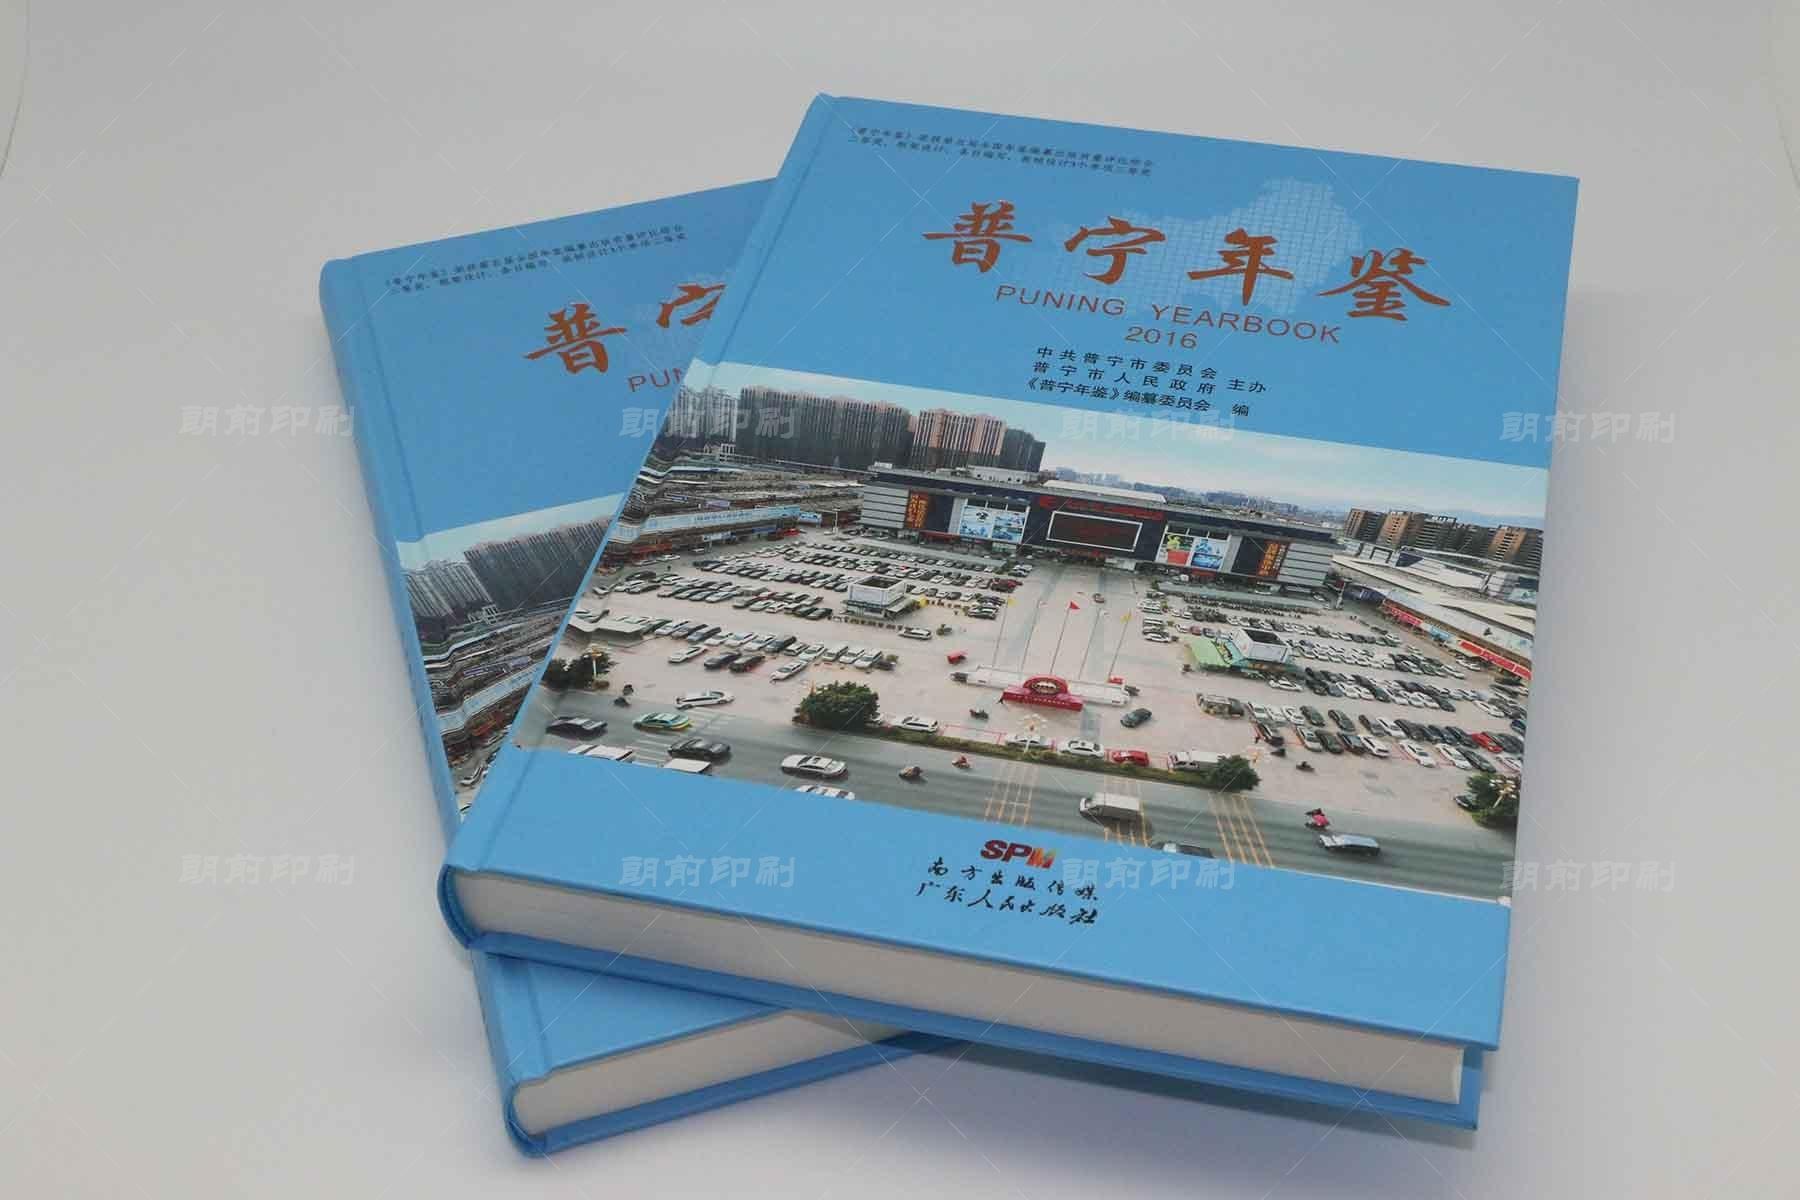 广州印刷公司 广州印刷品报价